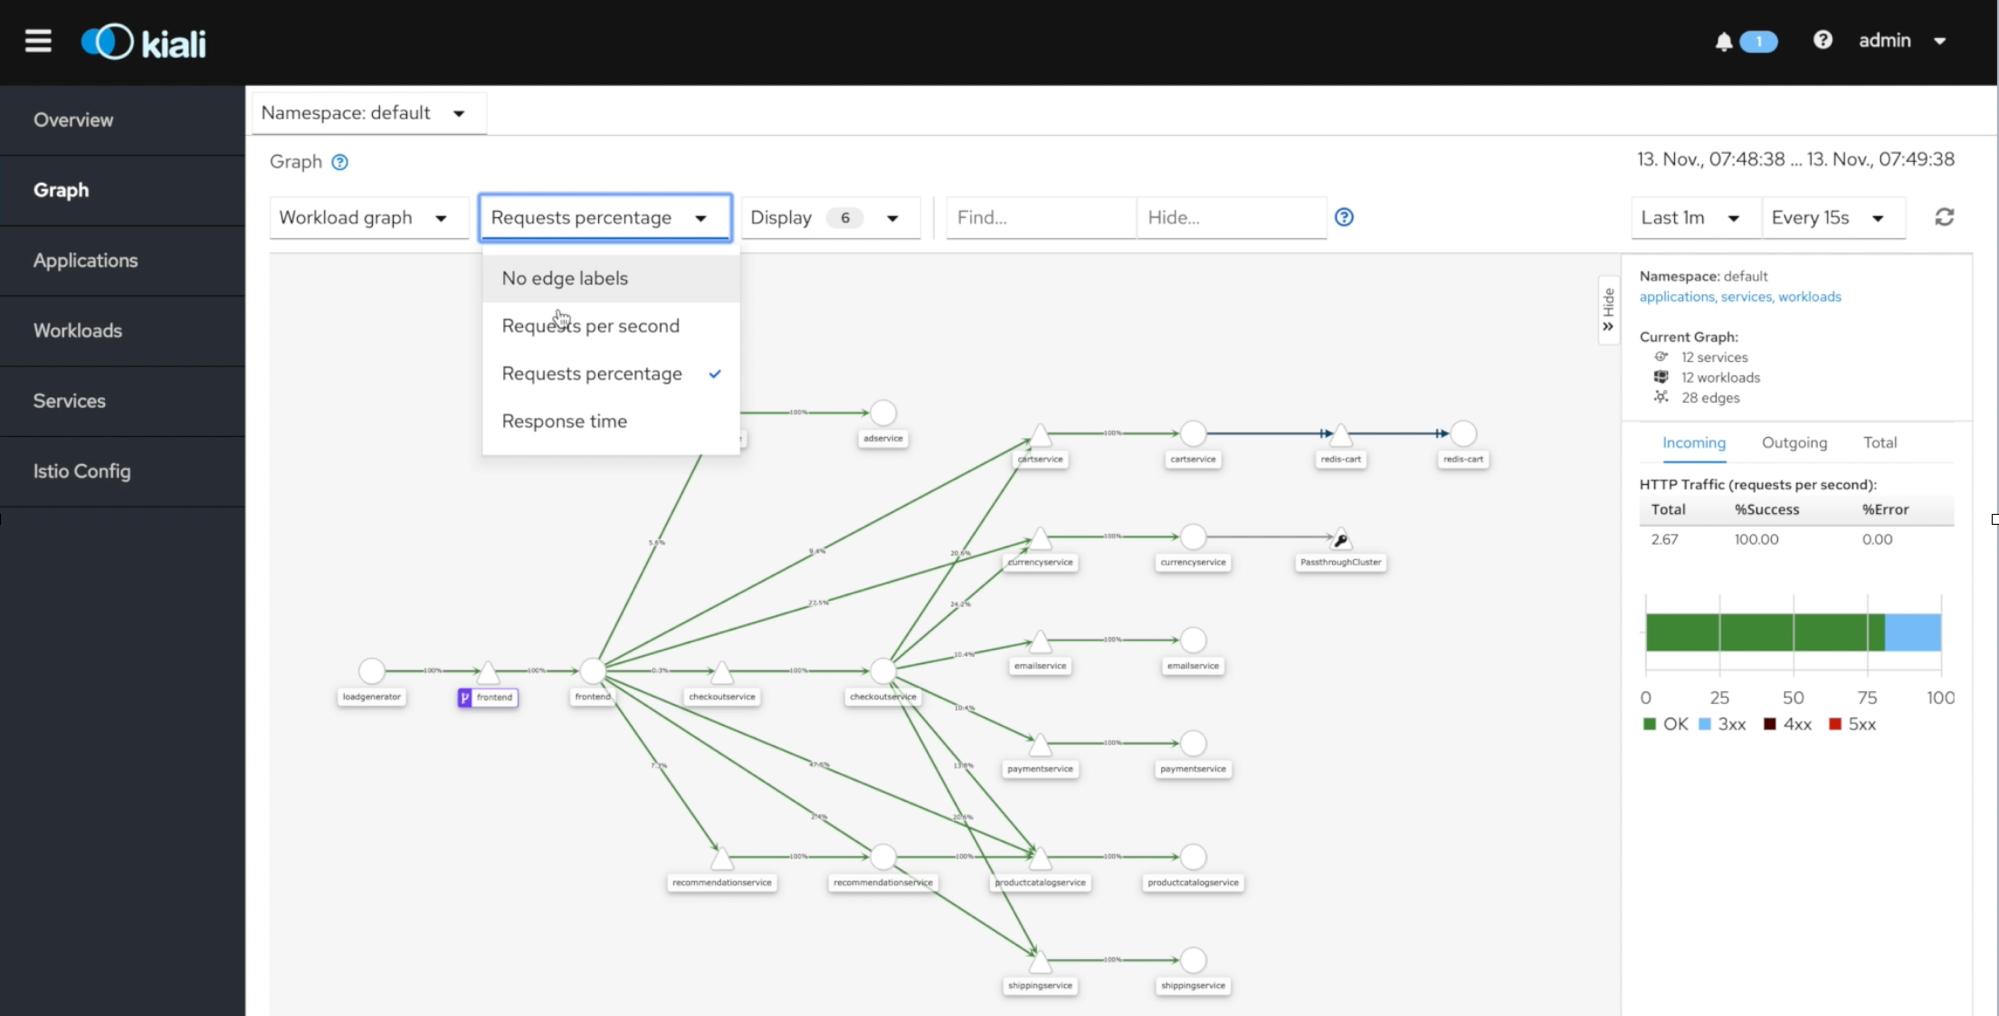 Das Dashboard Kiali für Istio bereitet Informationen über das Service Mesh auch grafisch auf (Abb. 4)